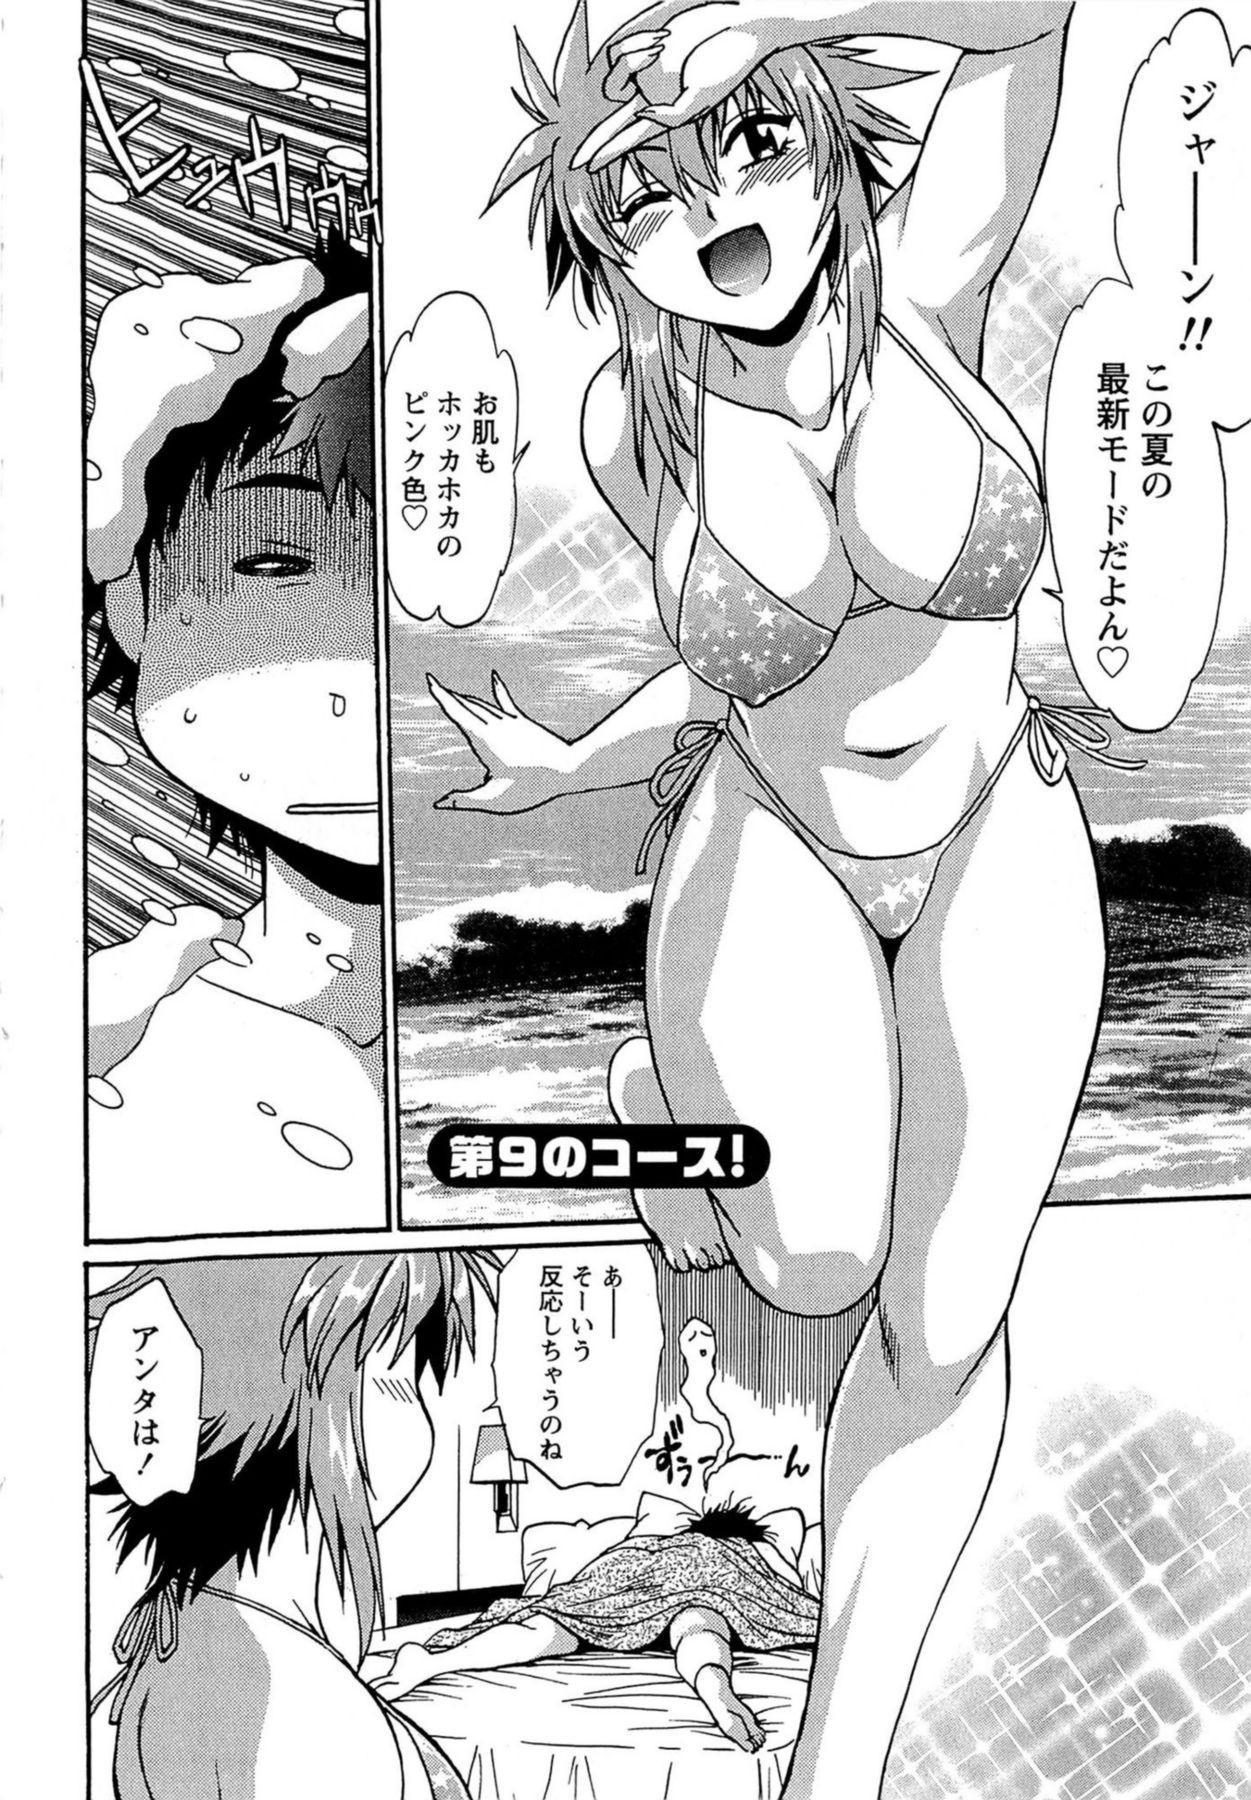 Kuikomi wo Naoshiteru Hima wa Nai! Vol. 1 206